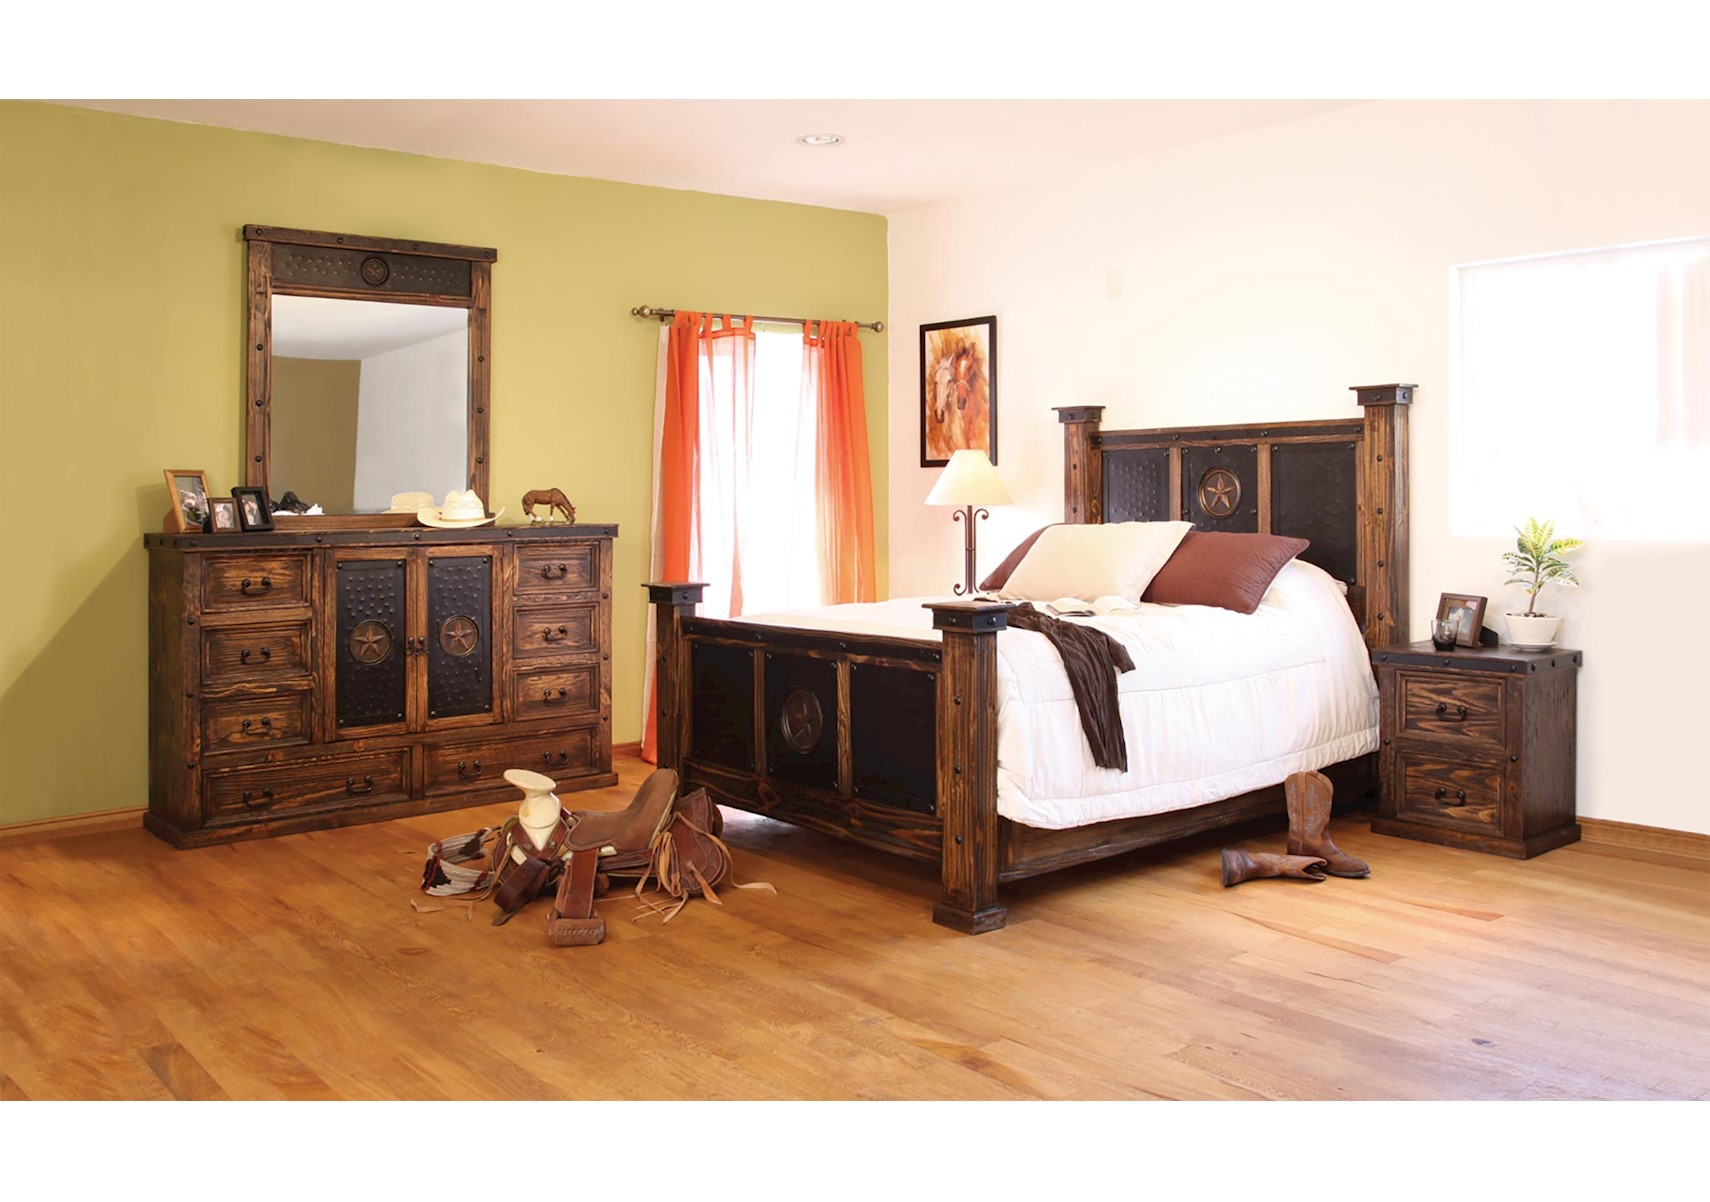 Lone Star II 4 Pc Queen Bedroom Set